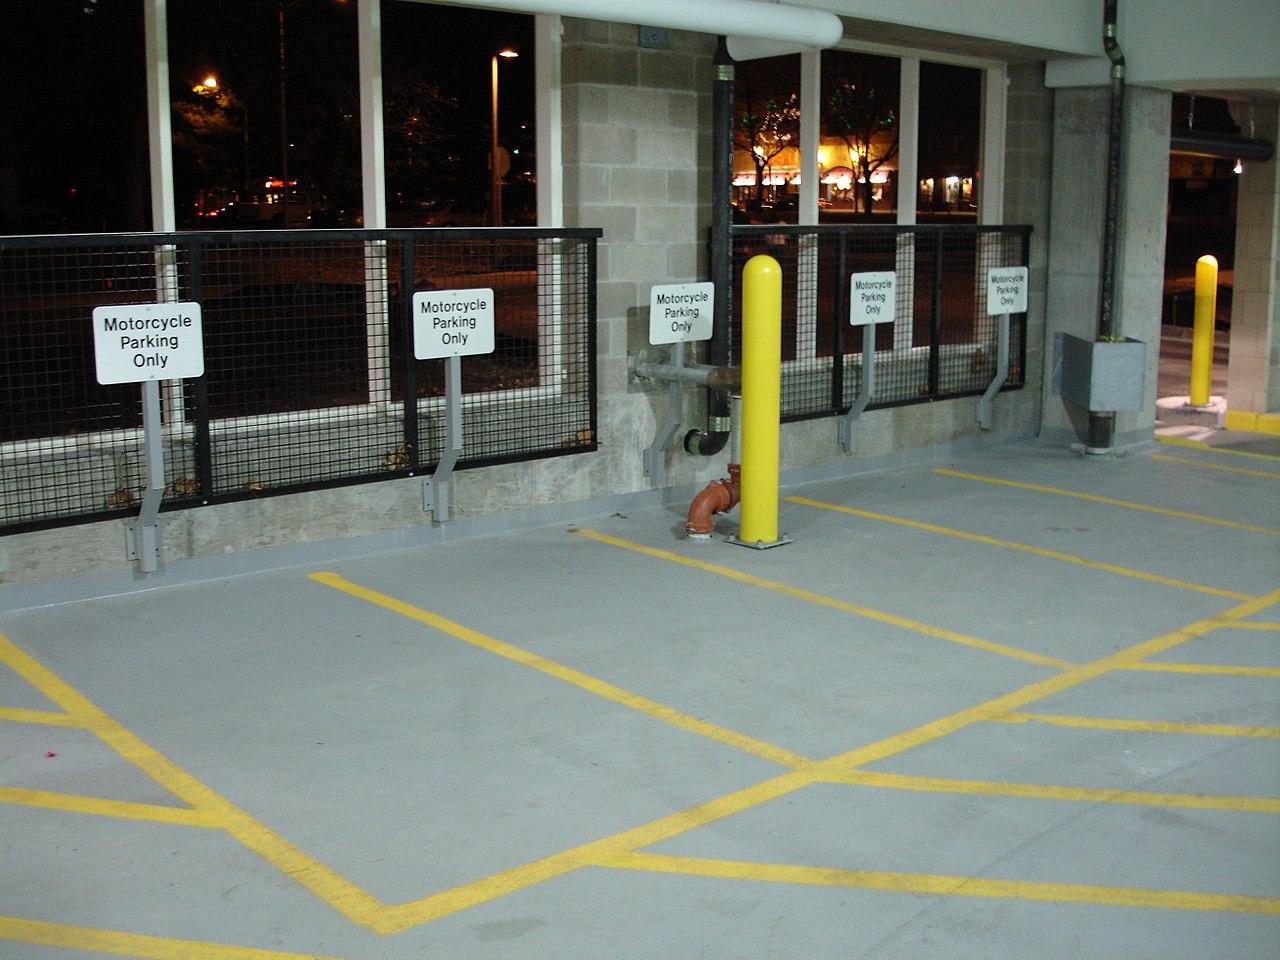 Design of basement car parking - Indoor Parking Garage File Motorcycle Parking Jpg